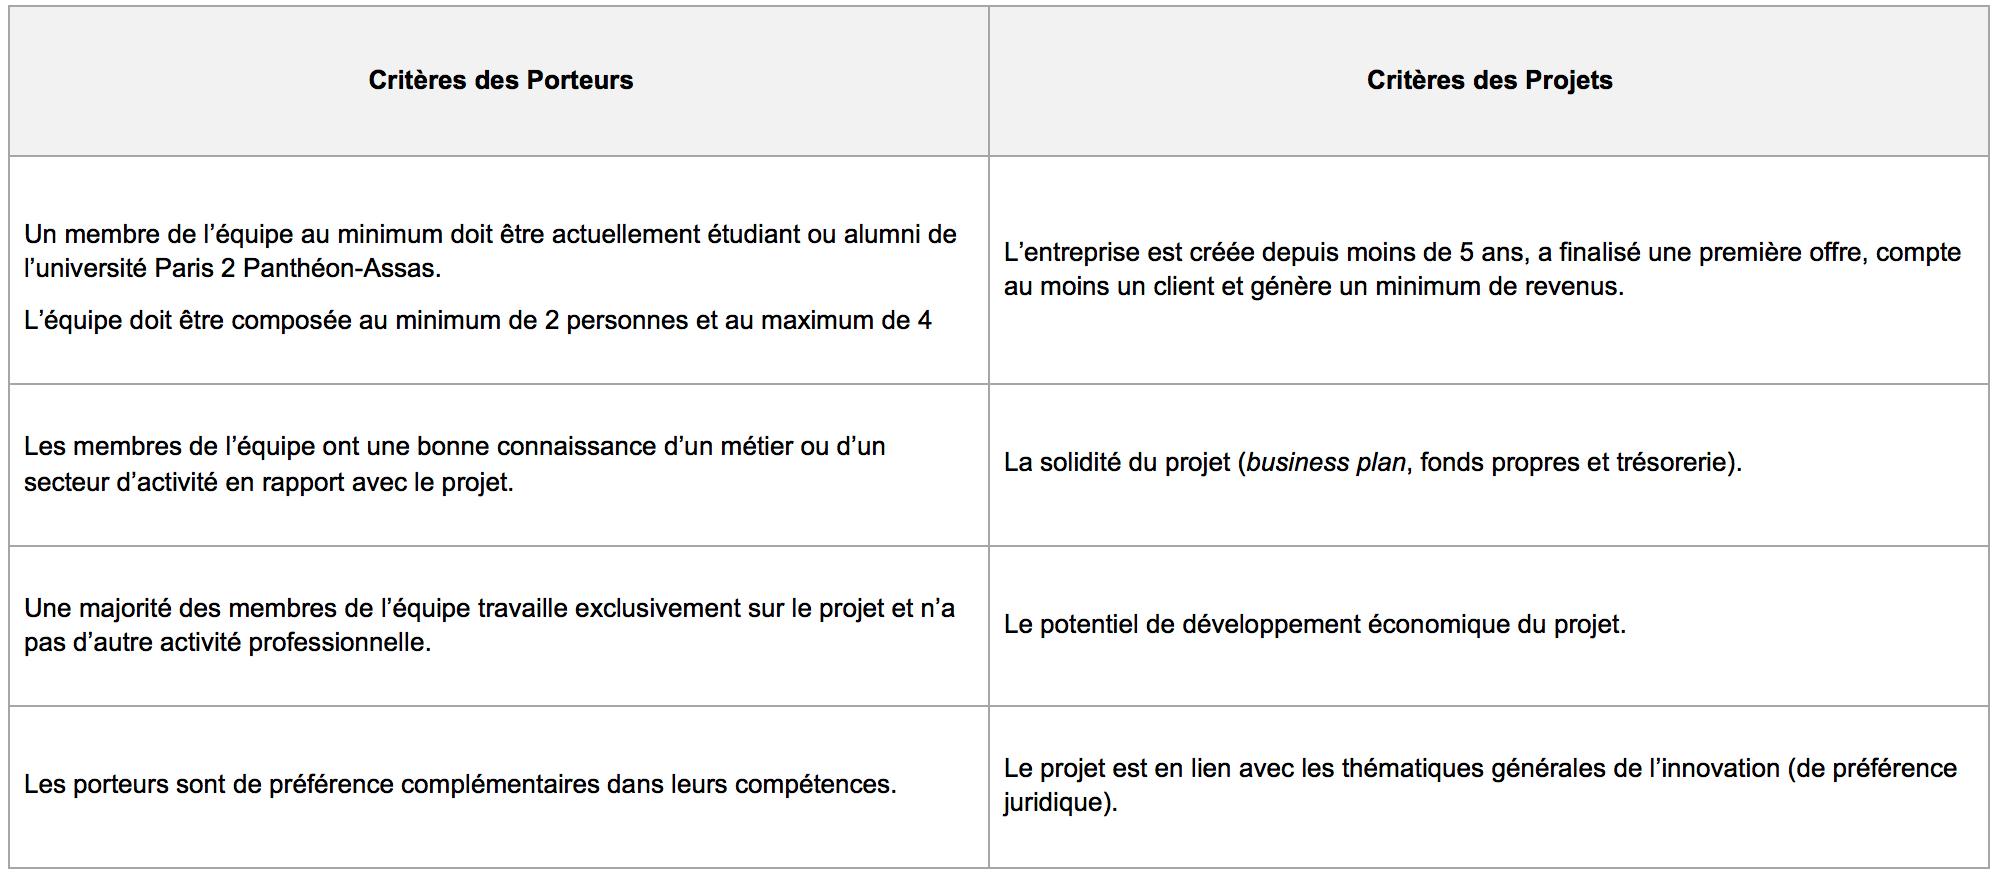 Les critères de sélection des projets Startups